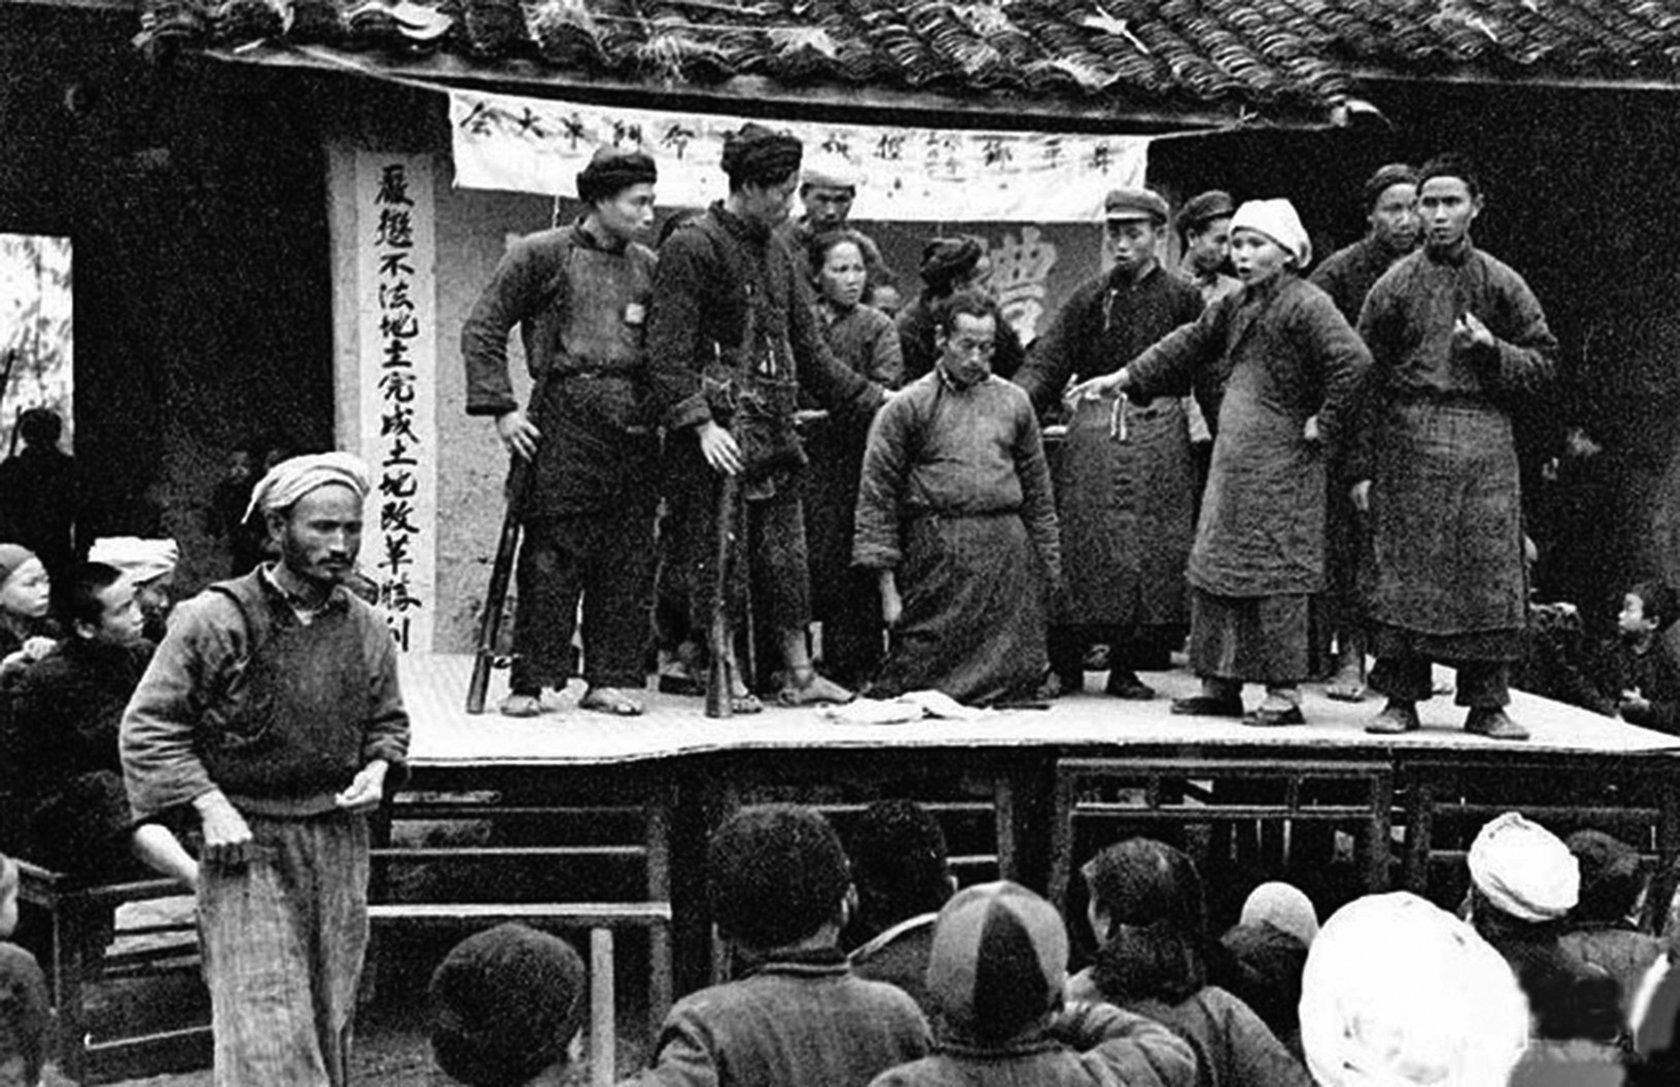 1966年5月16日,「文化大革命」全面啟動。文韜武略、為黨國立下汗馬功勞的大員幾乎被一網打盡,肉體和尊嚴一起被摧毀。上至將相下至庶民及至「牛鬼蛇神」,無一倖免。(網絡圖片)